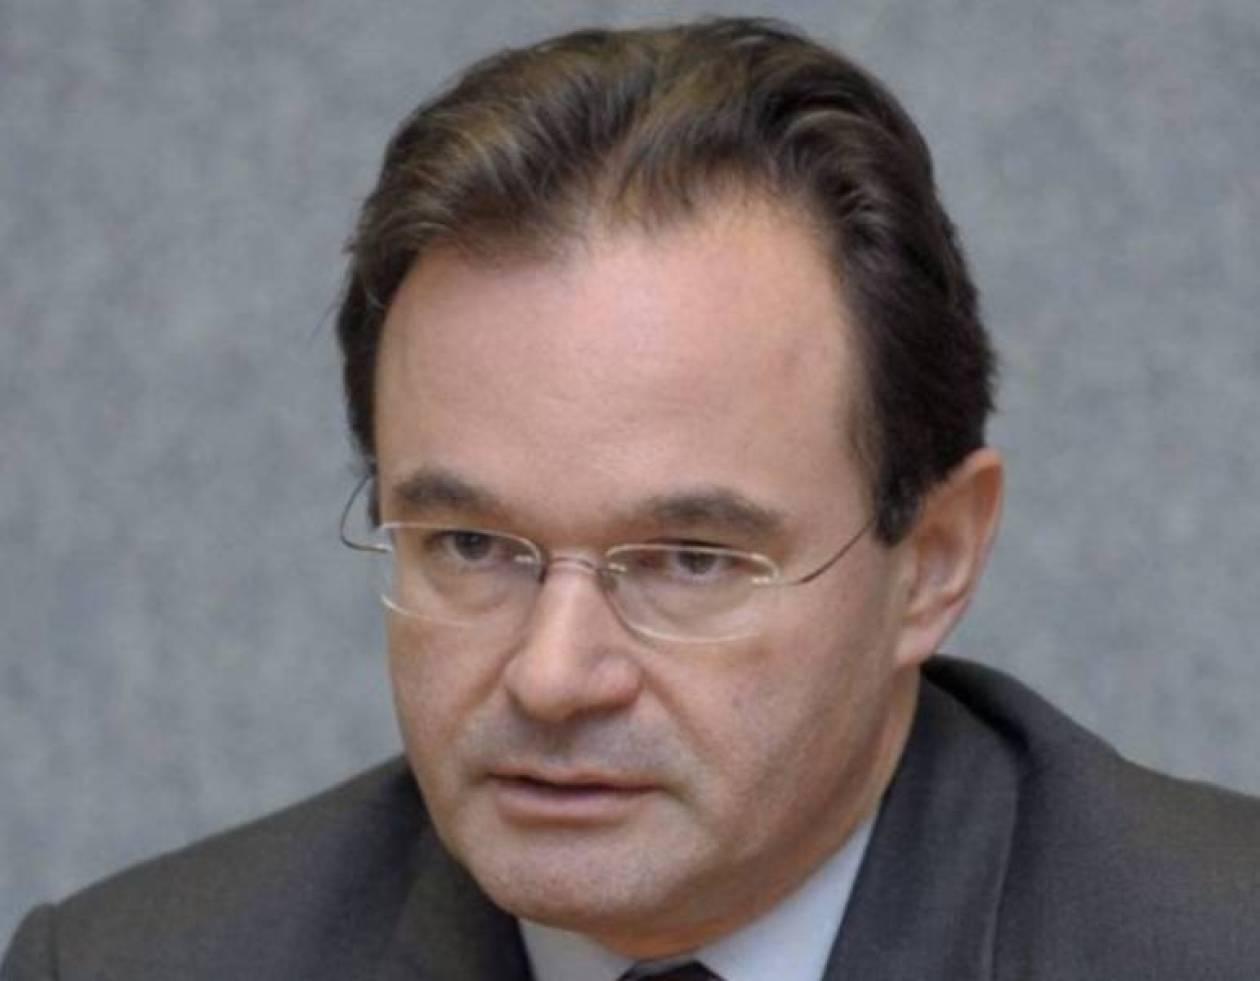 Ελληνοϊσραηλινή συνεργασία στον τομέα της ενέργειας